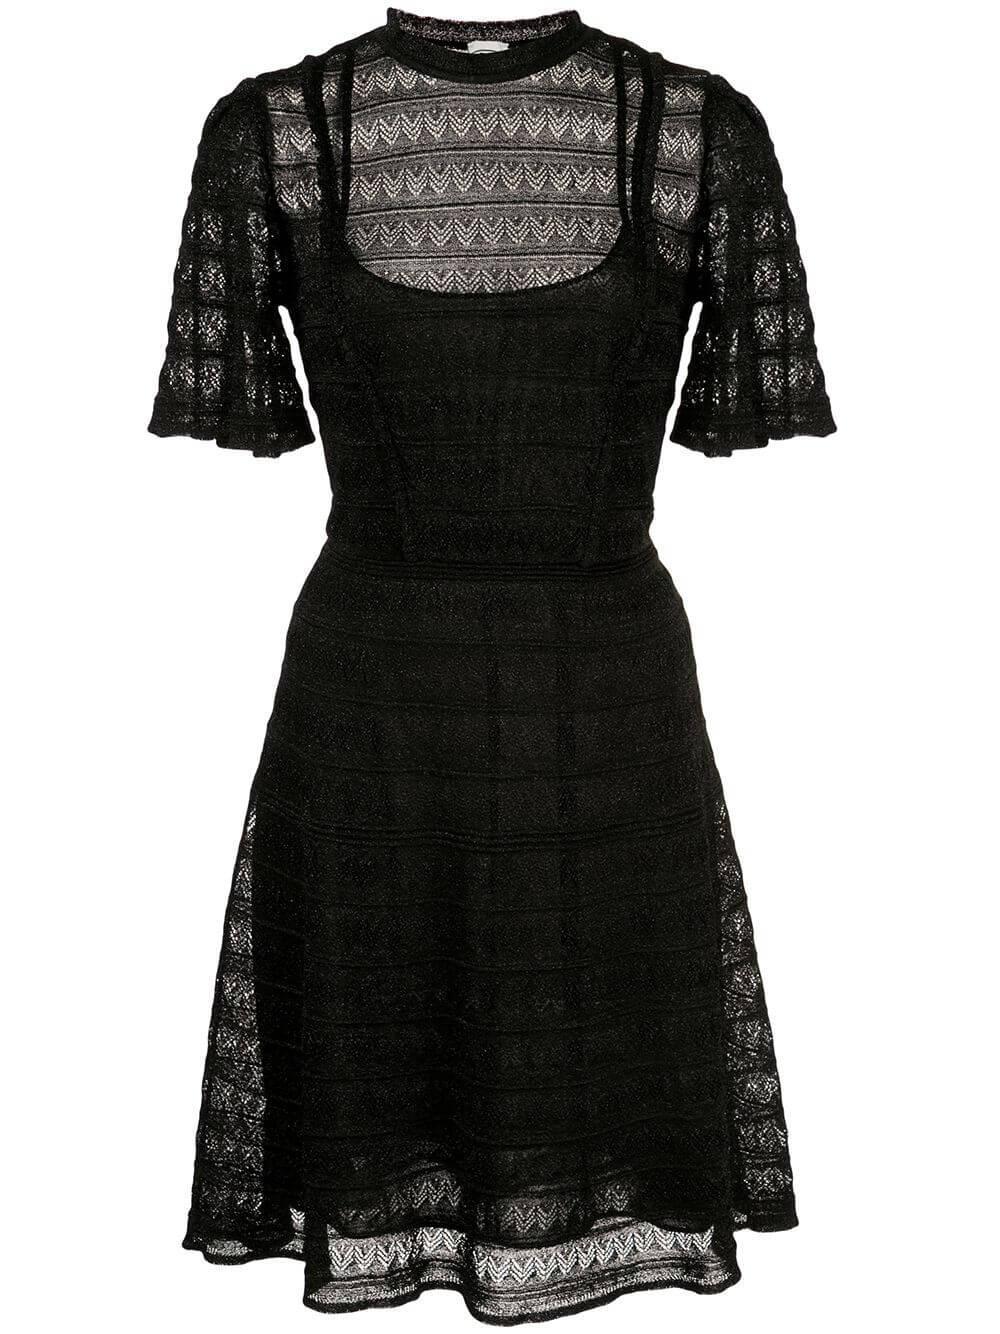 Short Sleeve Short Lurex Dress